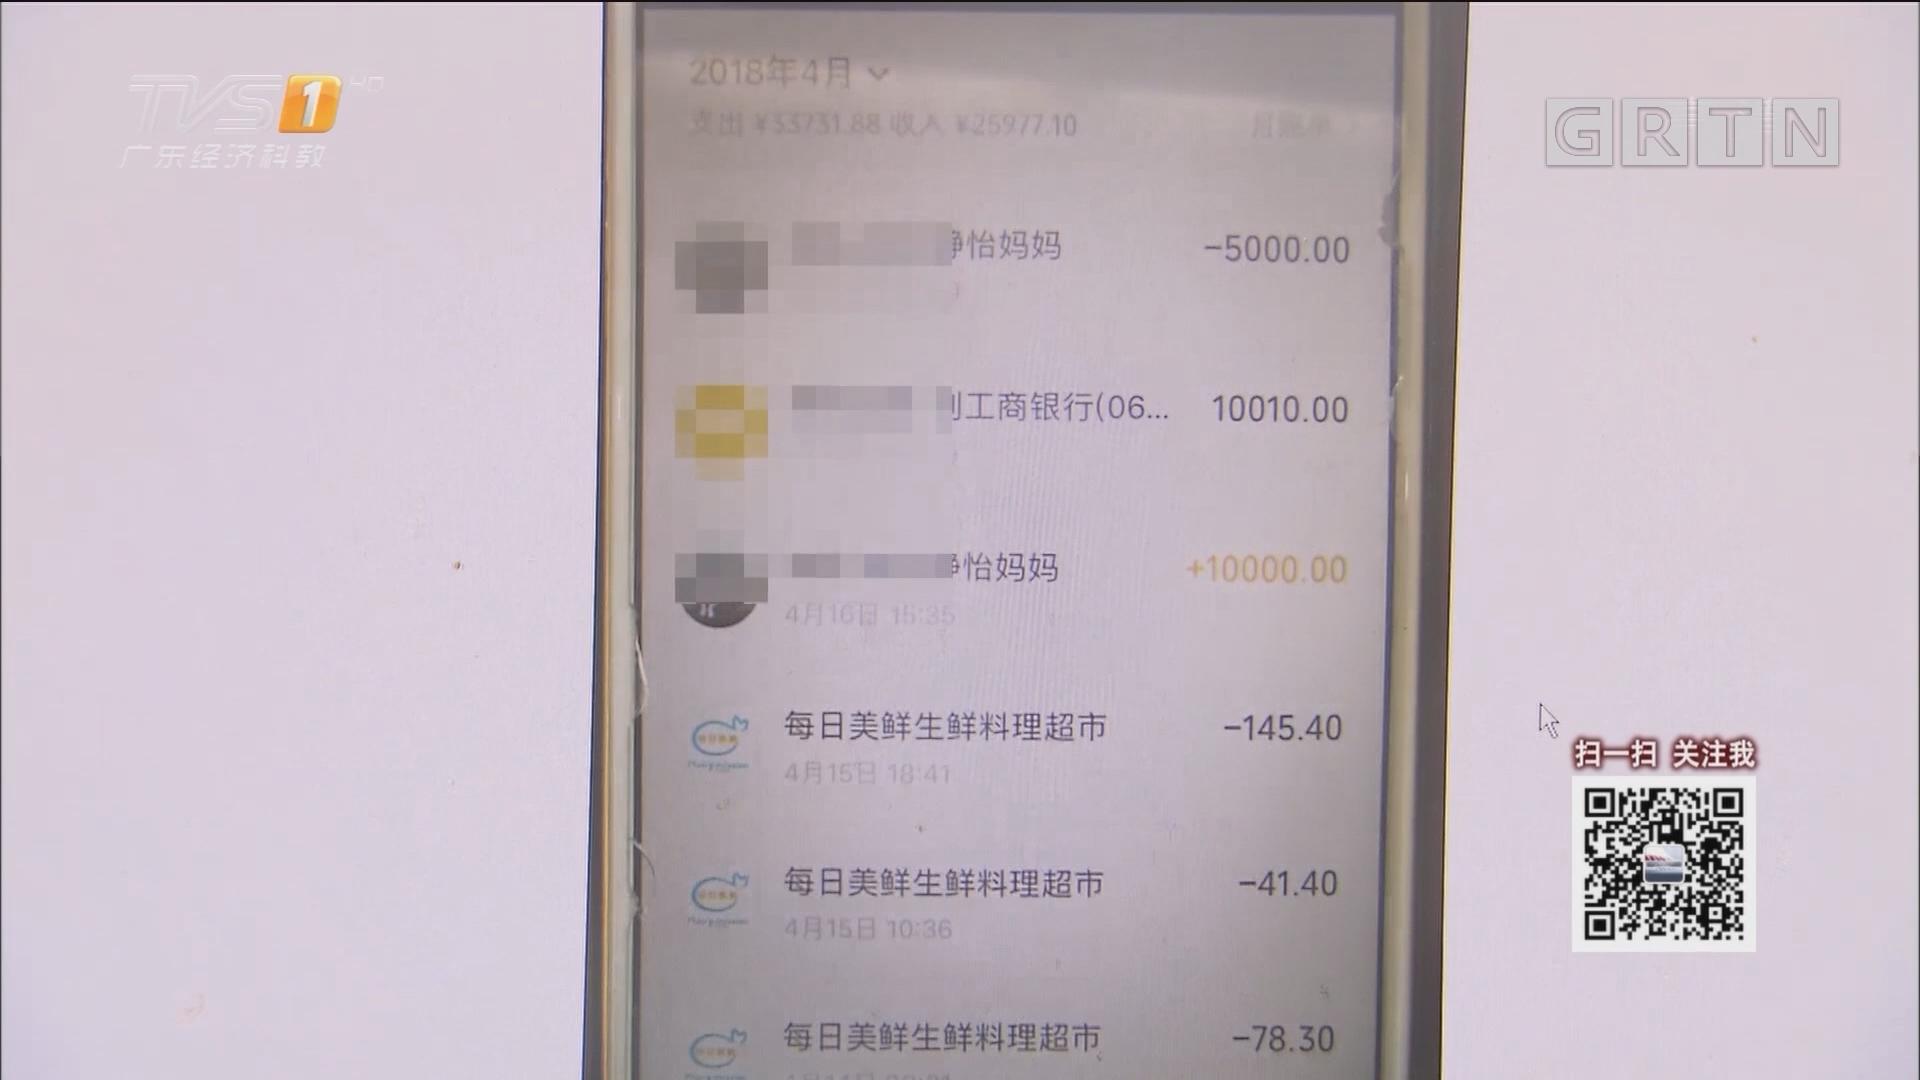 保姆猜出东家密码 微信转账六万元